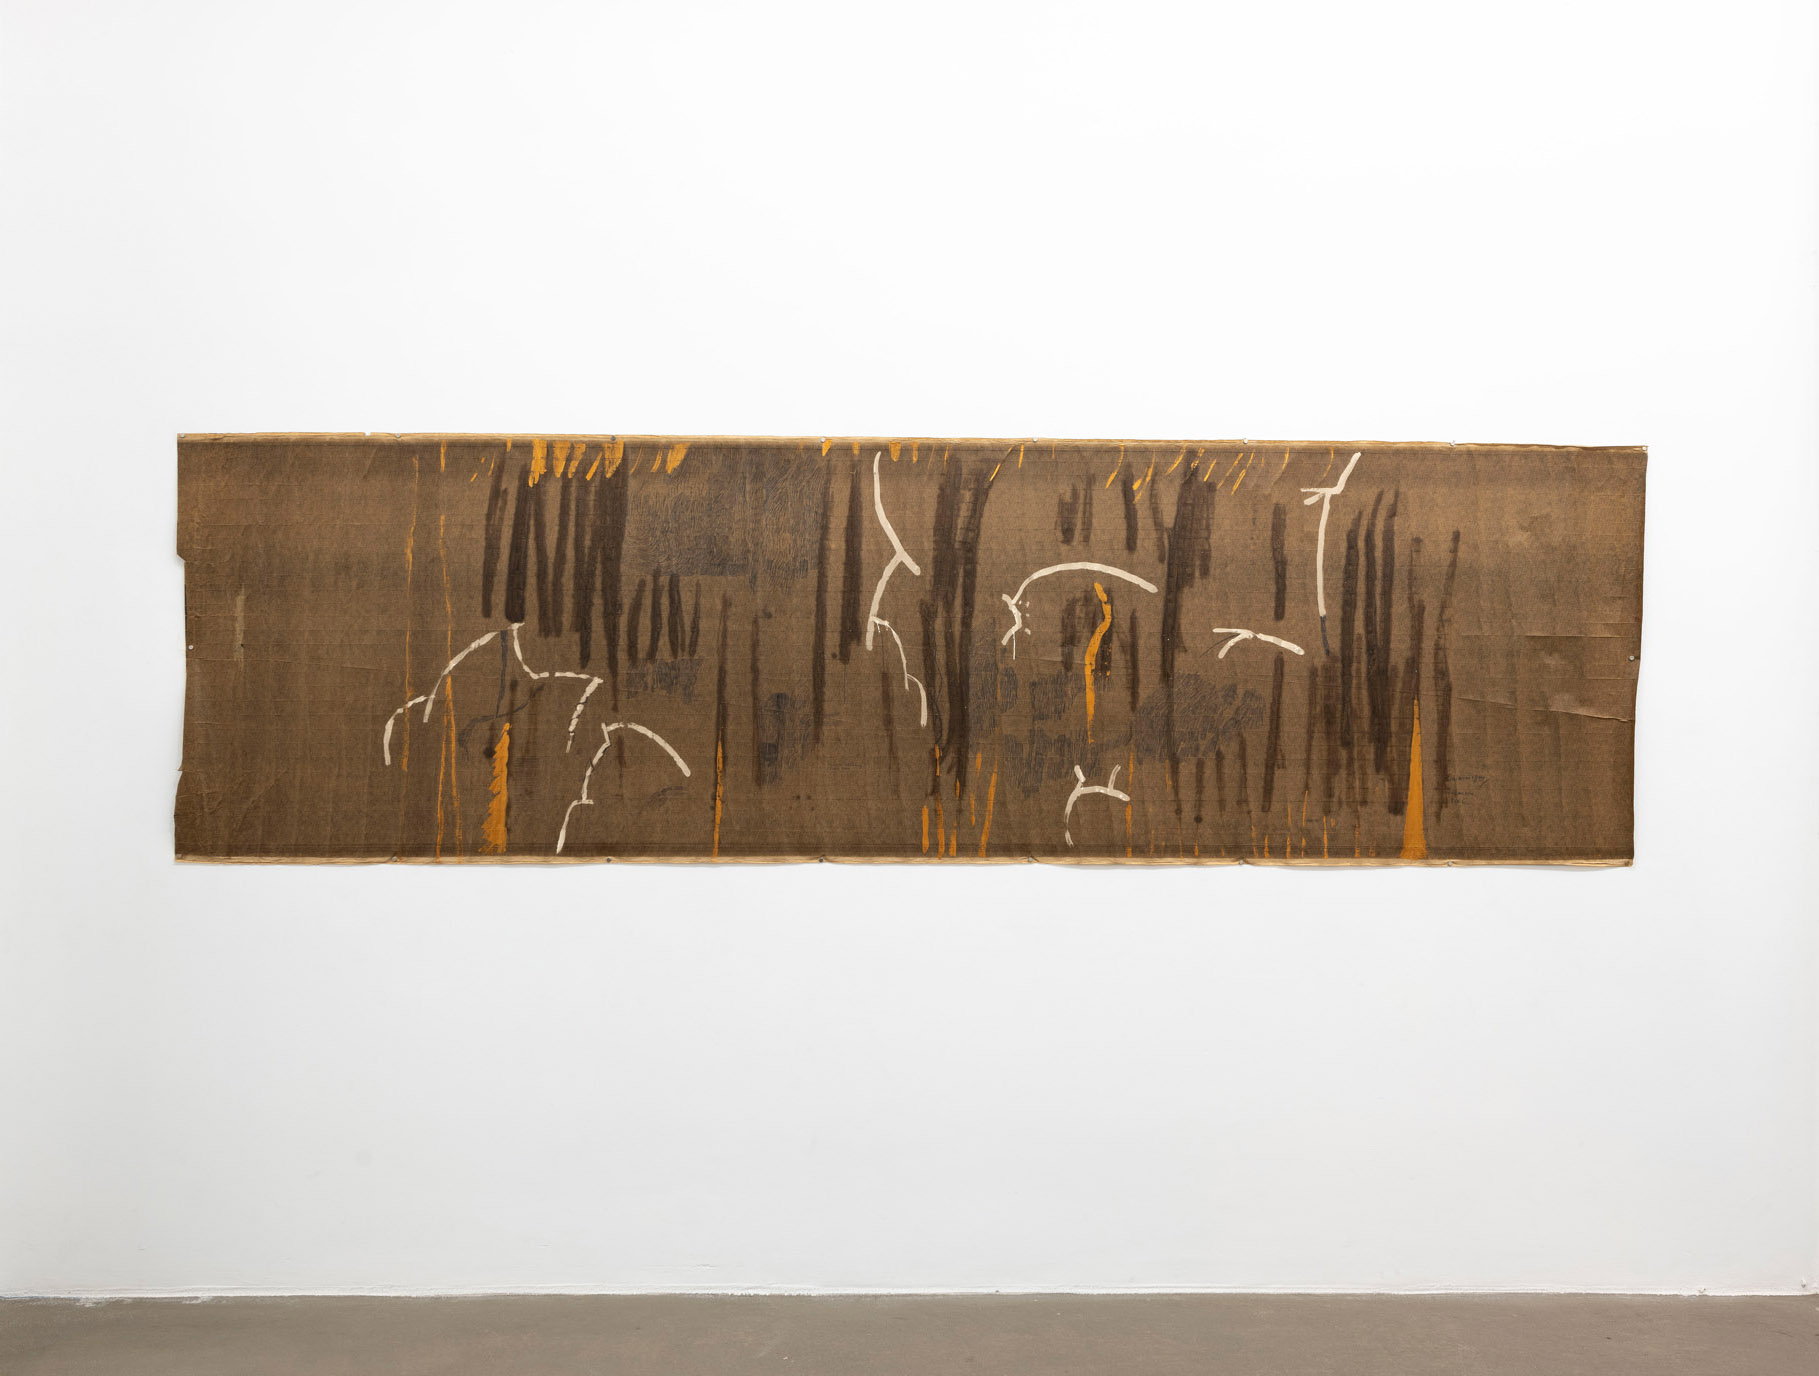 Infucio us Gardening, Marianne Moore, 2006 Tecnica mista su carta catramata; 351 x 101 cm;  foto: Giorgio Benni.  Courtesy l'artista e Monitor Roma, Lisbona, Pereto